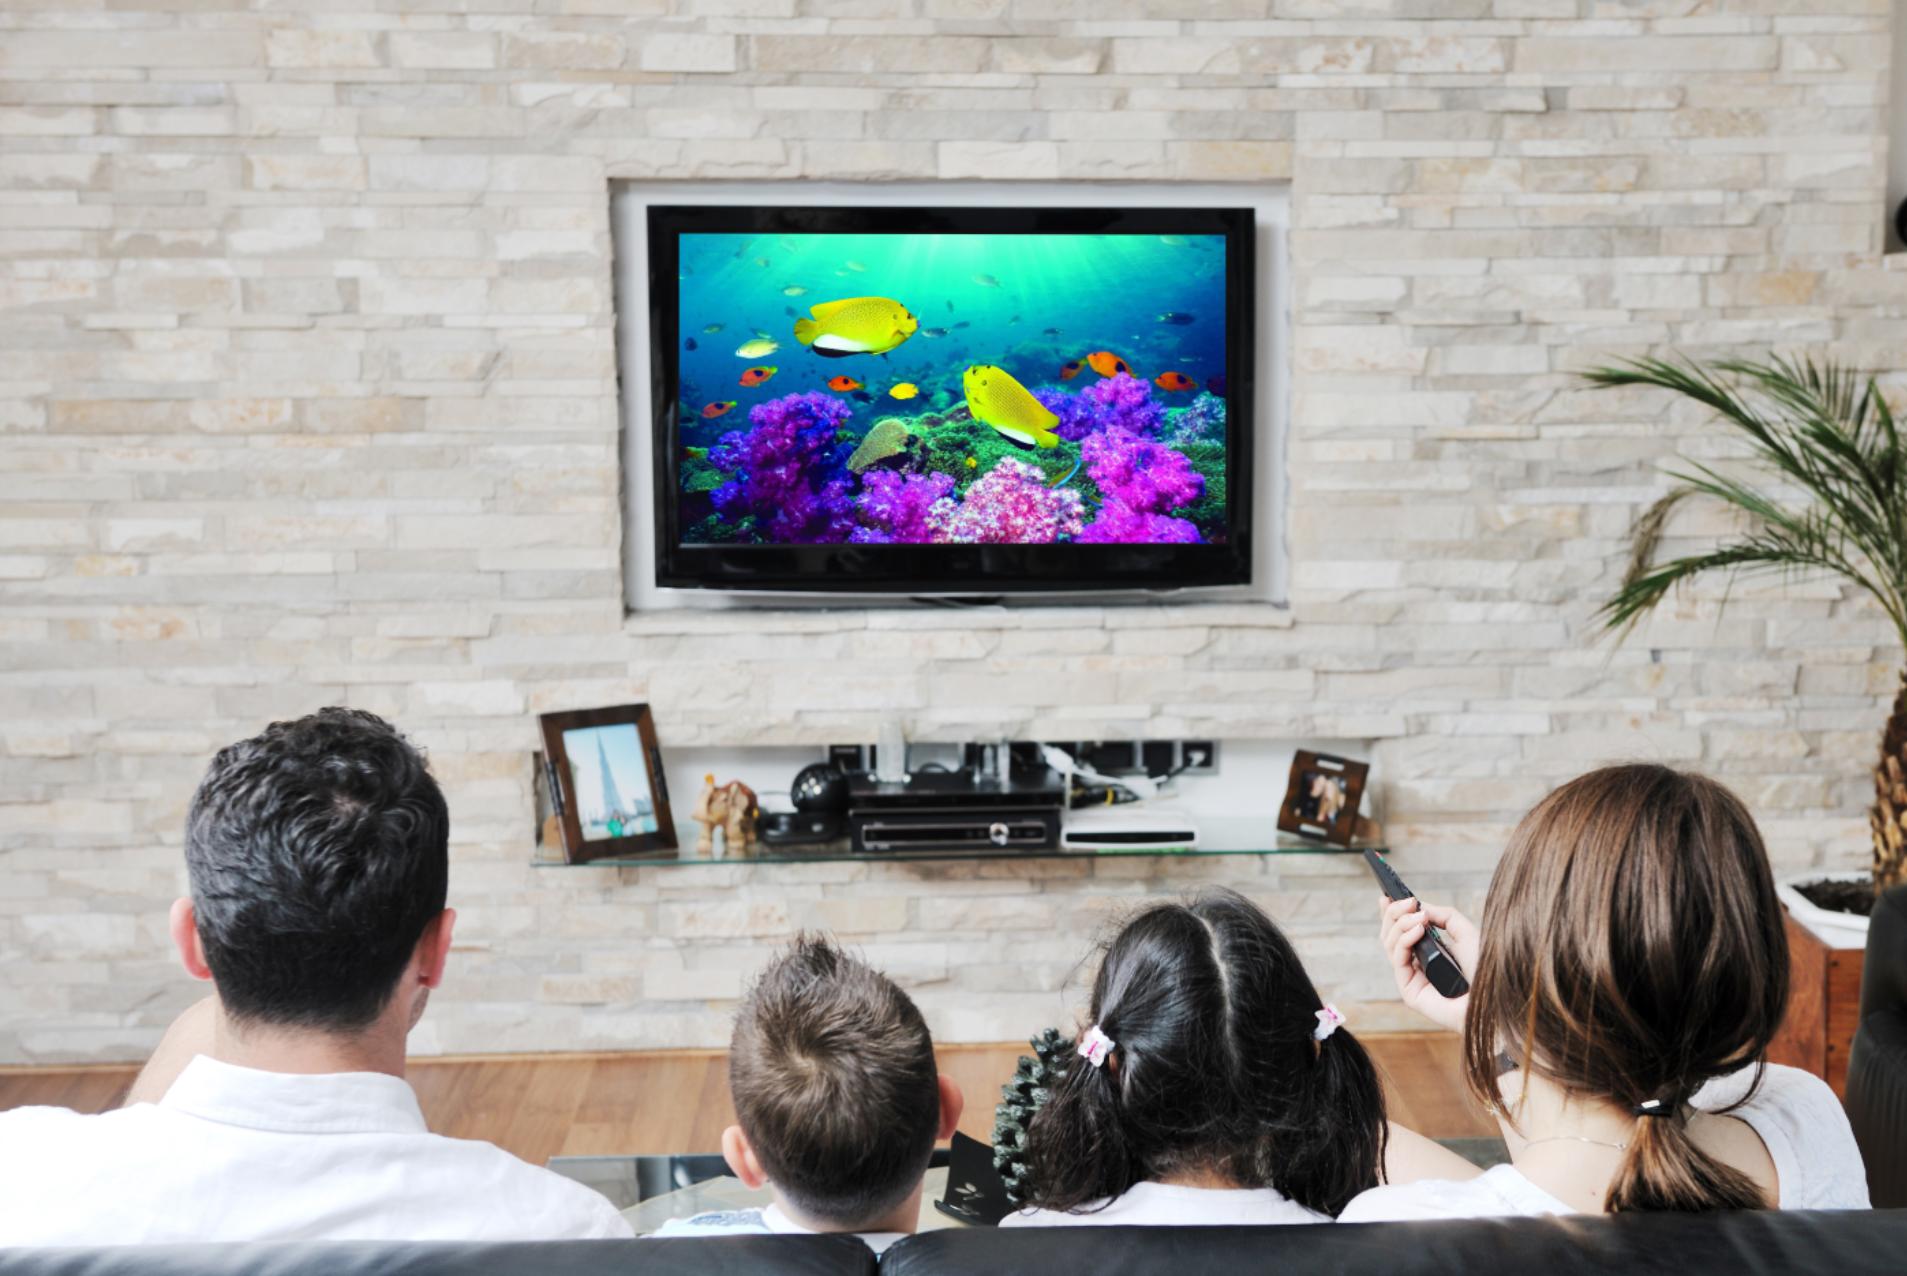 Factory Refurbished Panasonic TV's